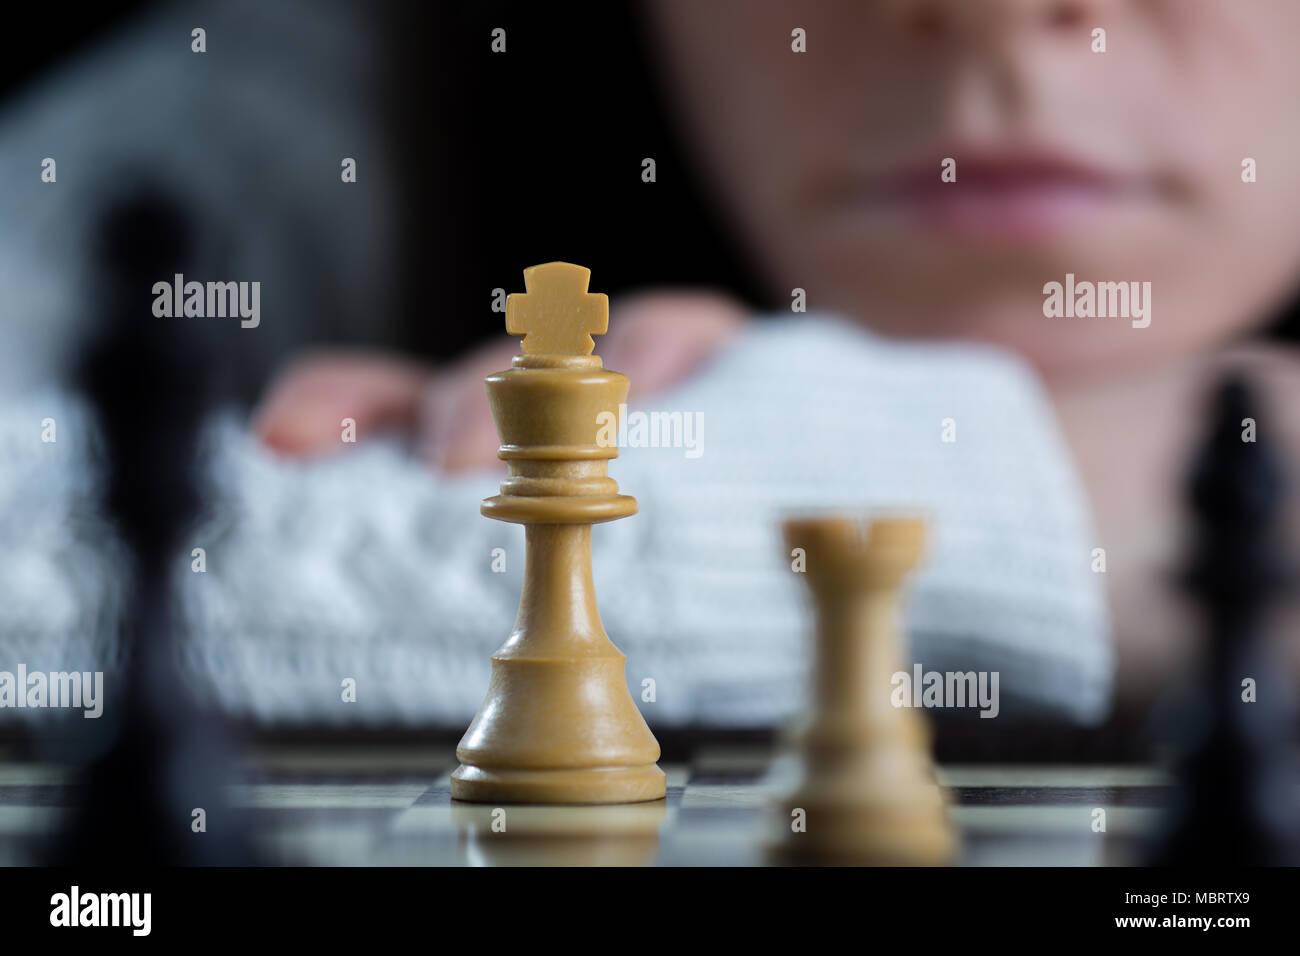 Grave donna giocando a scacchi a guardare la scacchiera Immagini Stock